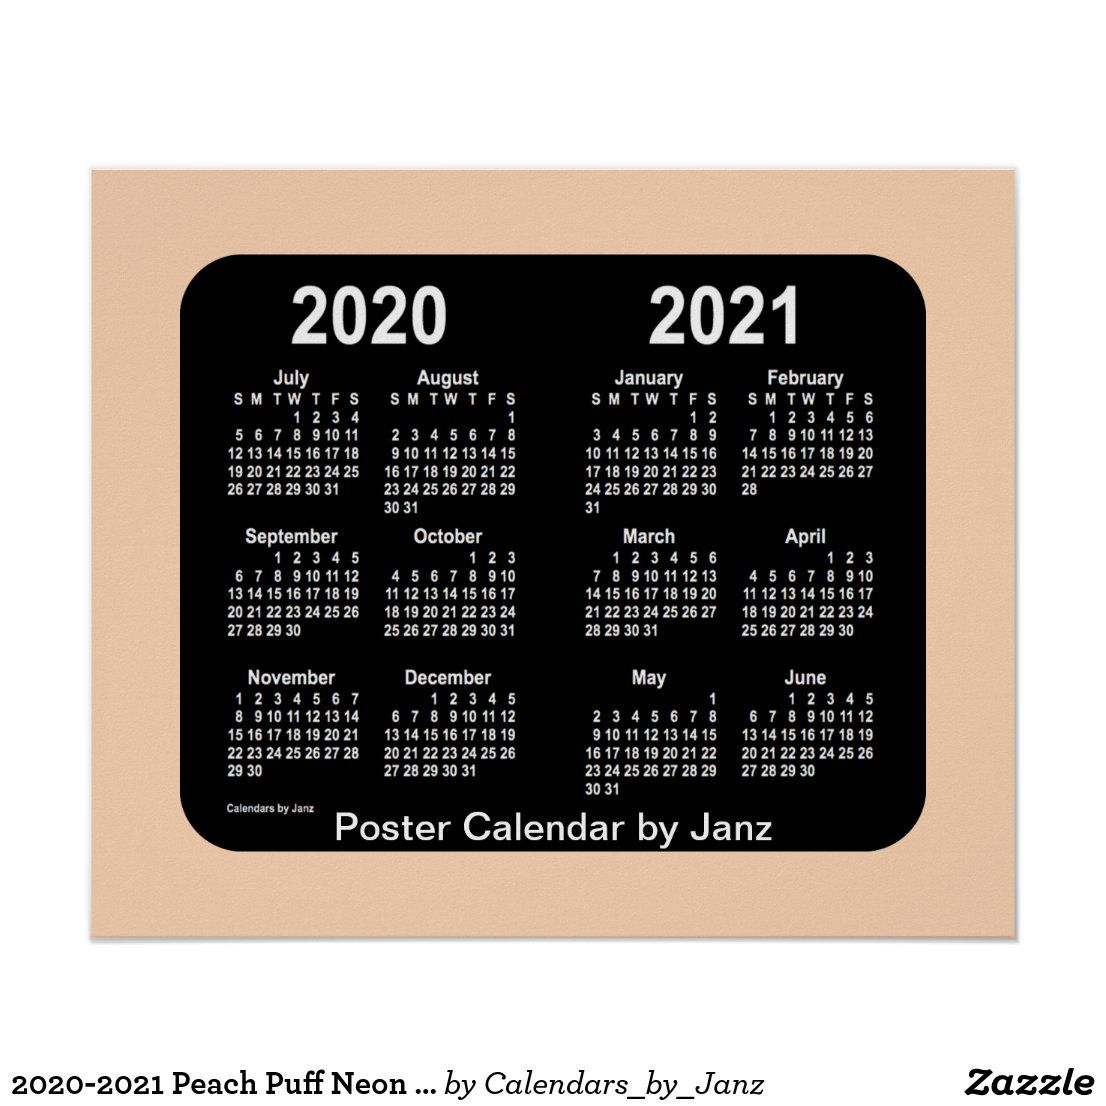 20202021 Peach Puff Neon School Calendar by Janz Poster